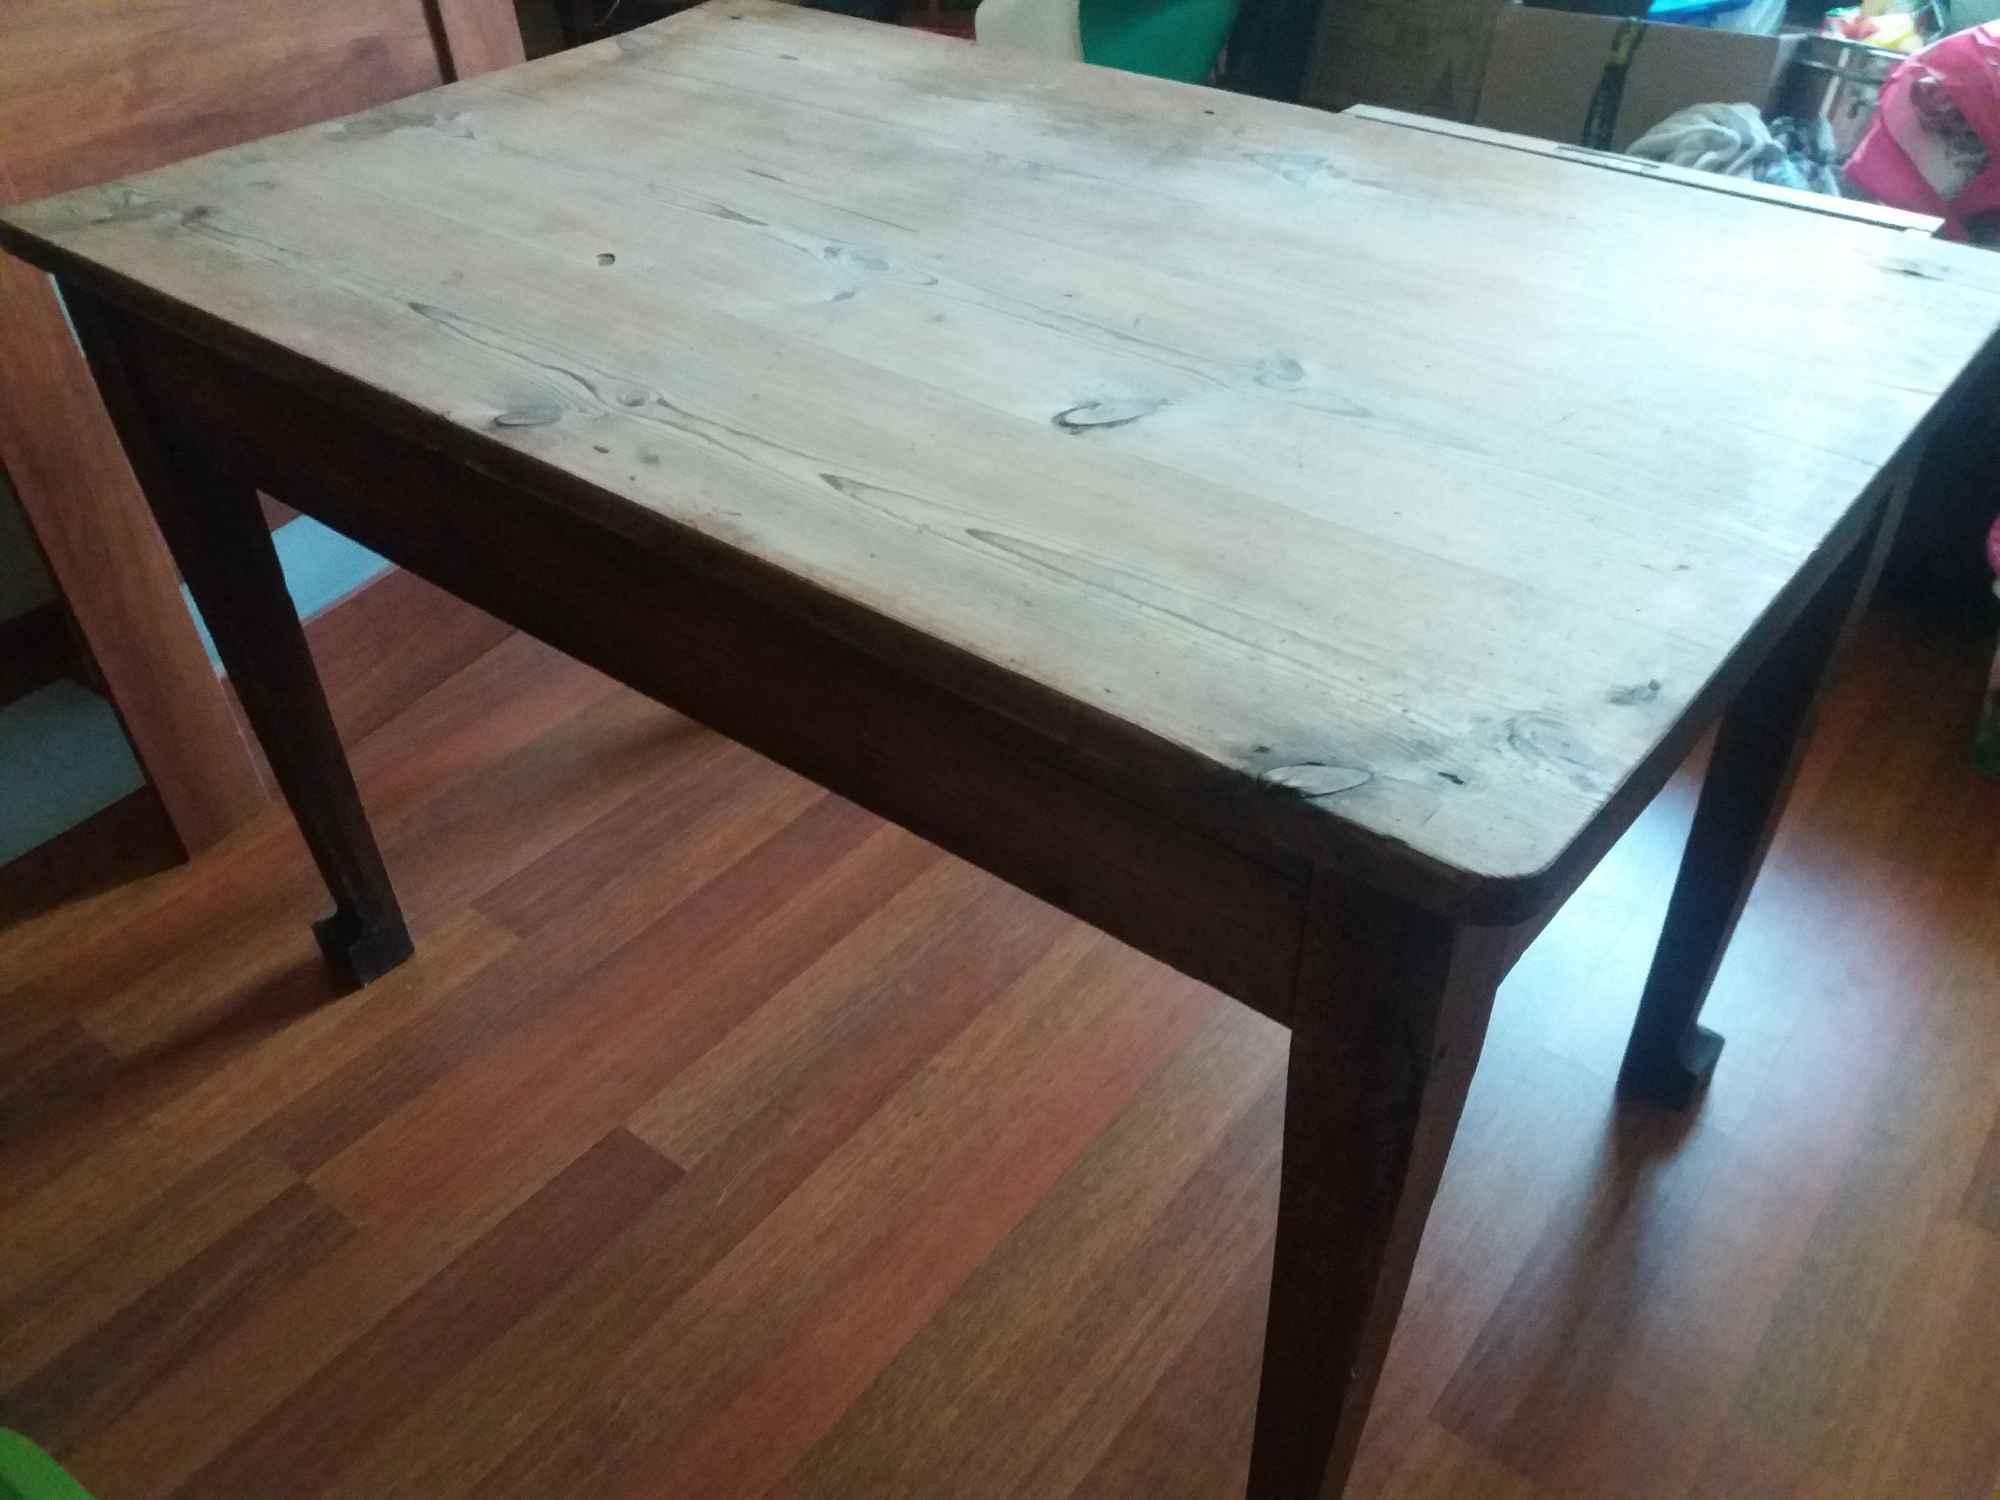 Sprrzedam stół do renowacji Ostrowiec Świętokrzyski - zdjęcie 2